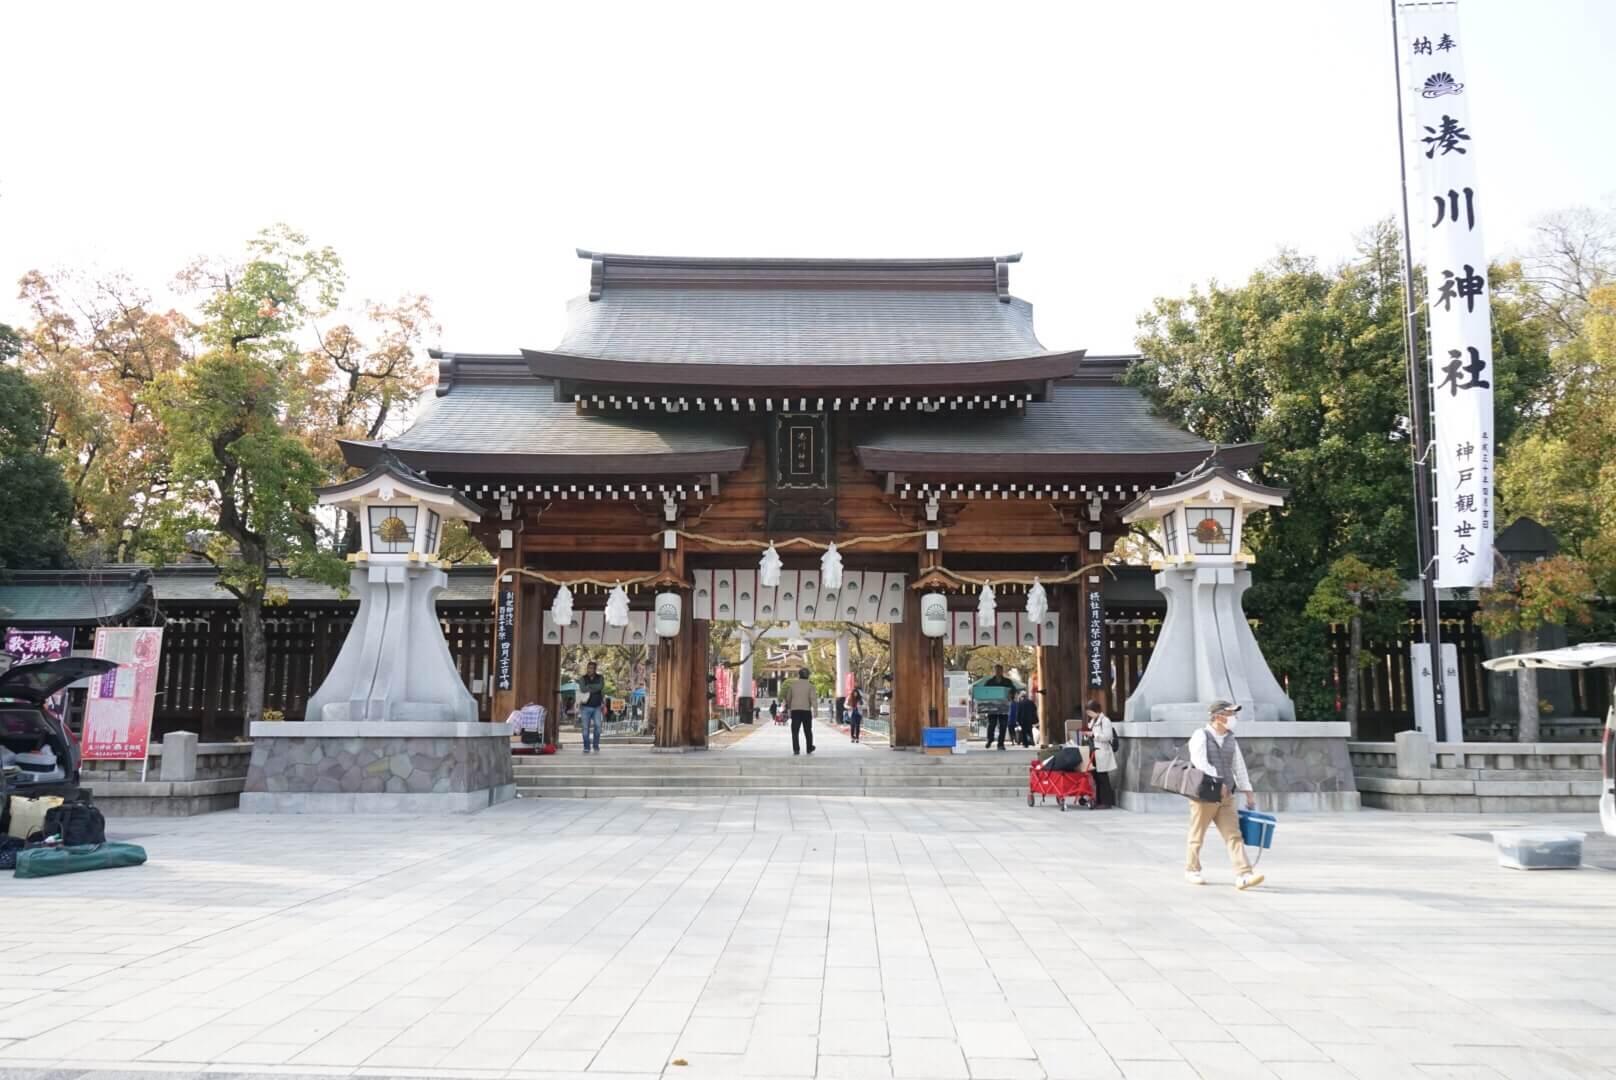 a7IIで撮った湊川神社の写真